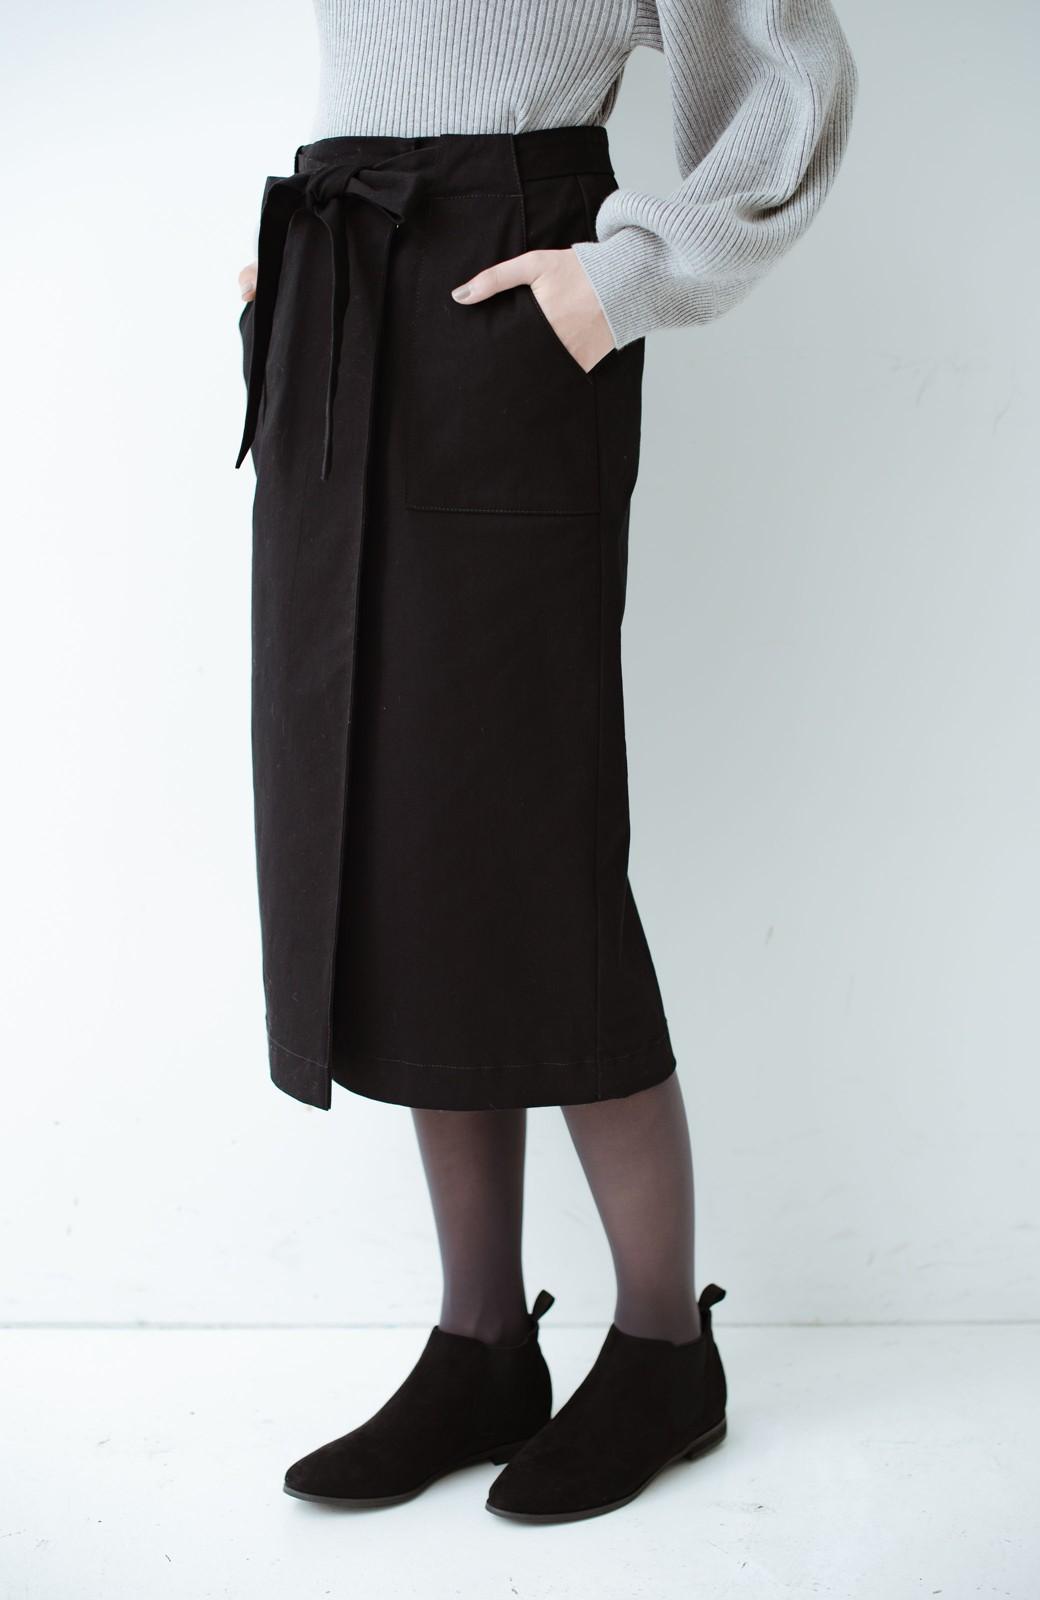 haco! パッと着るだけで女らしくてかっこいい ラップ風ストレッチスカート by que made me <ブラック>の商品写真4